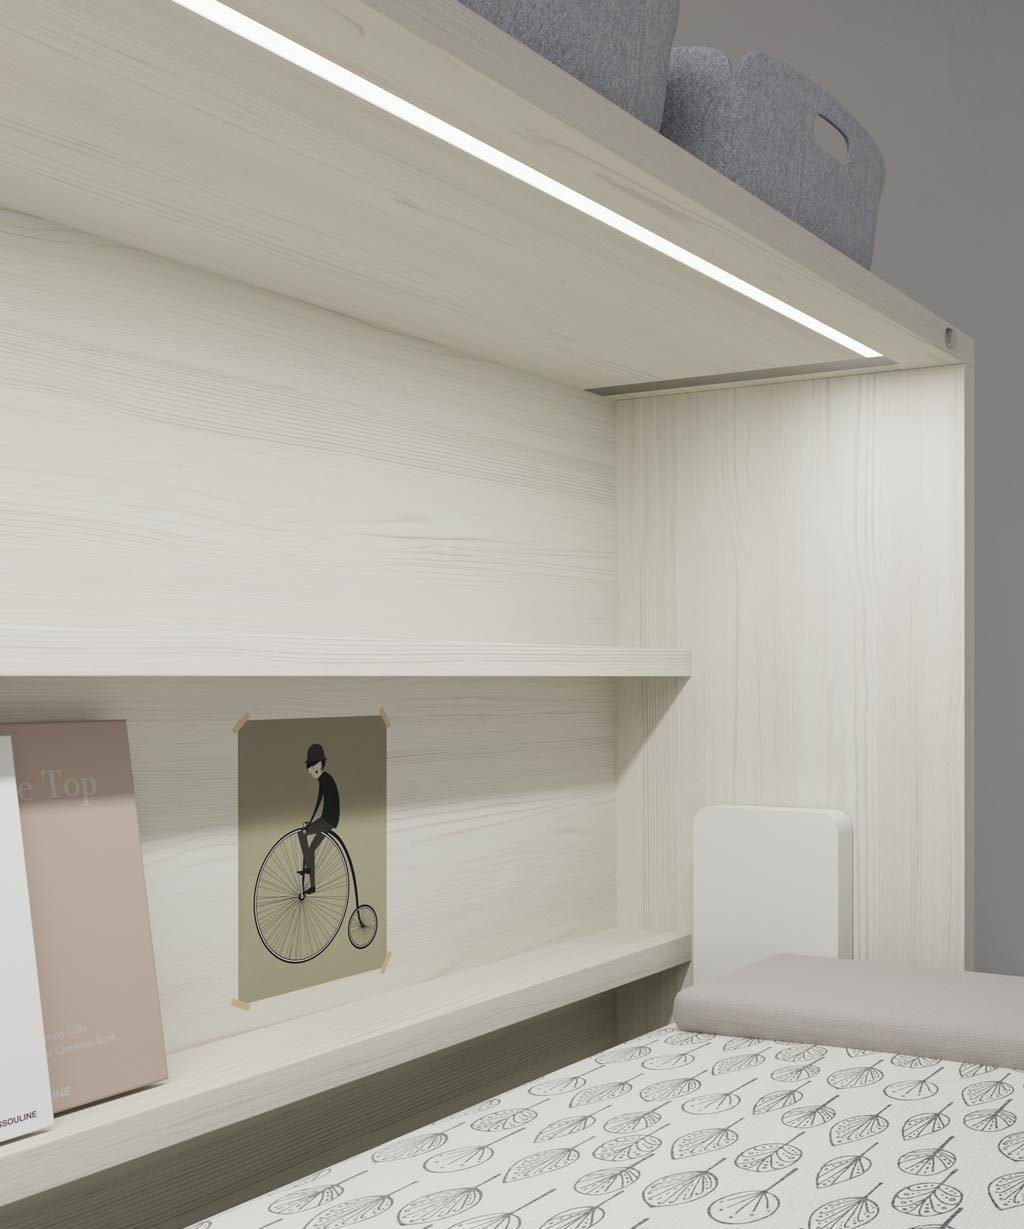 Luz led empotrada en la estructura de la cama abatible horizontal